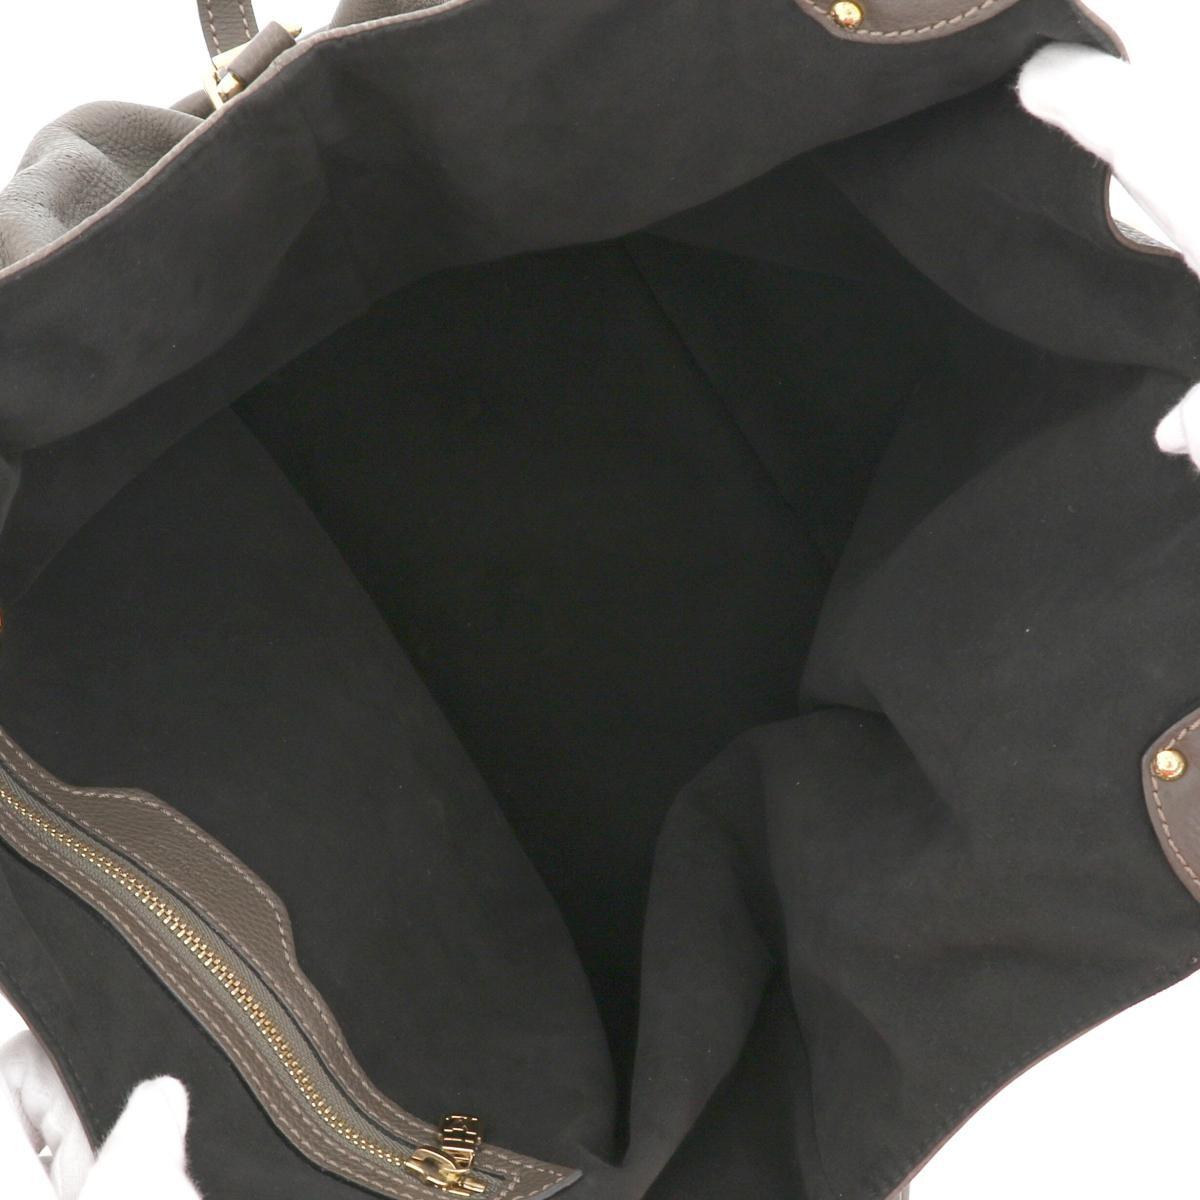 【中古】 LOUIS VUITTON (ルイヴィトン) L バッグ ショルダー/メッセンジャーバッグ mahina マヒナ/グリ M95767 used:B